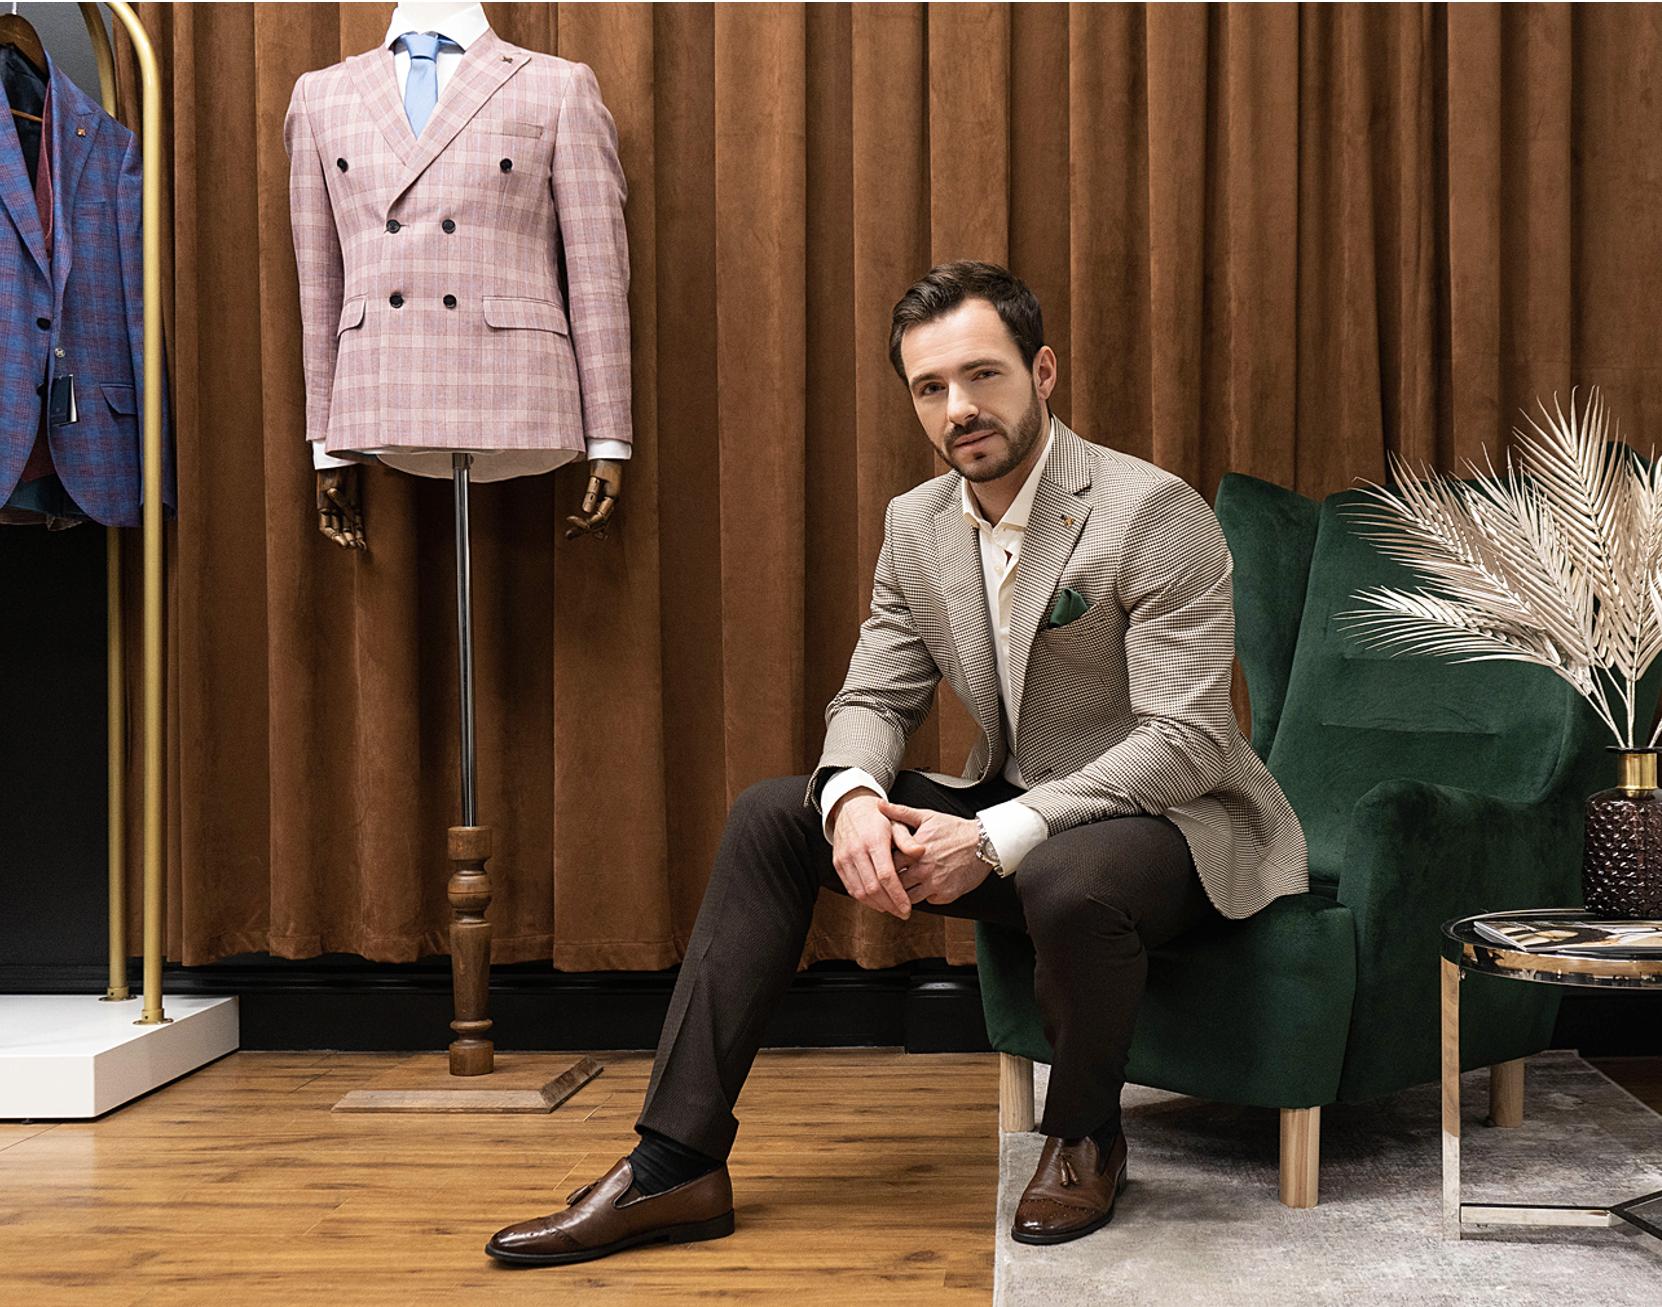 Andreas Moskin: український бренд, що формує чоловічий образ впевненості - фото №1